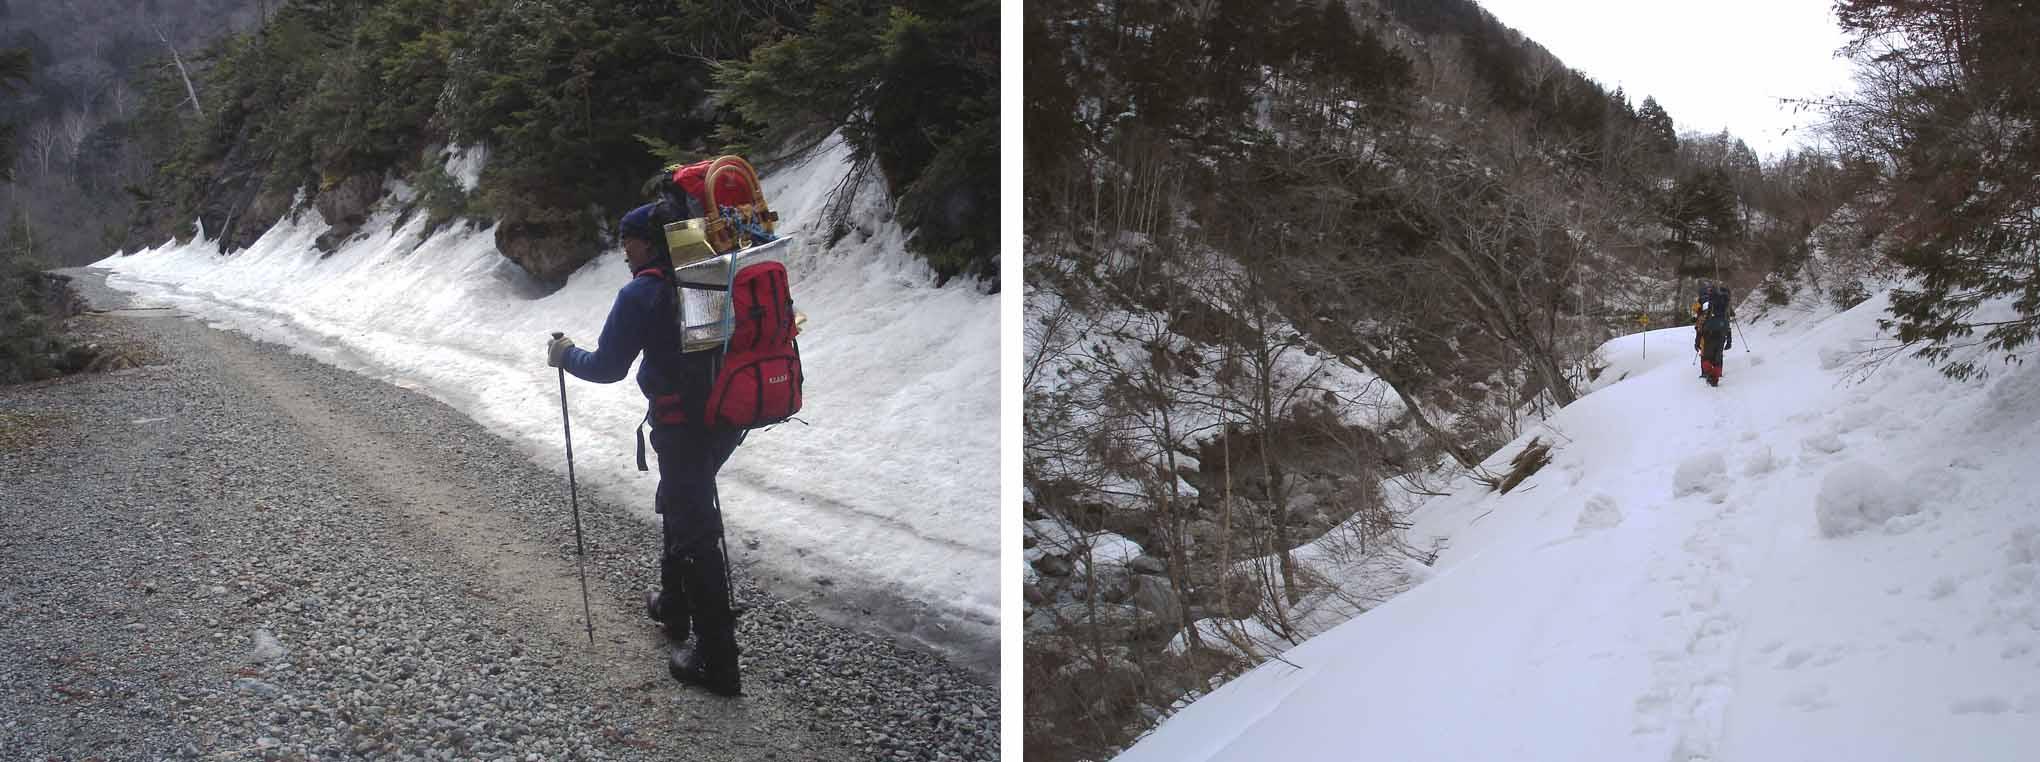 4月30日と4月4日の林道雪の状態